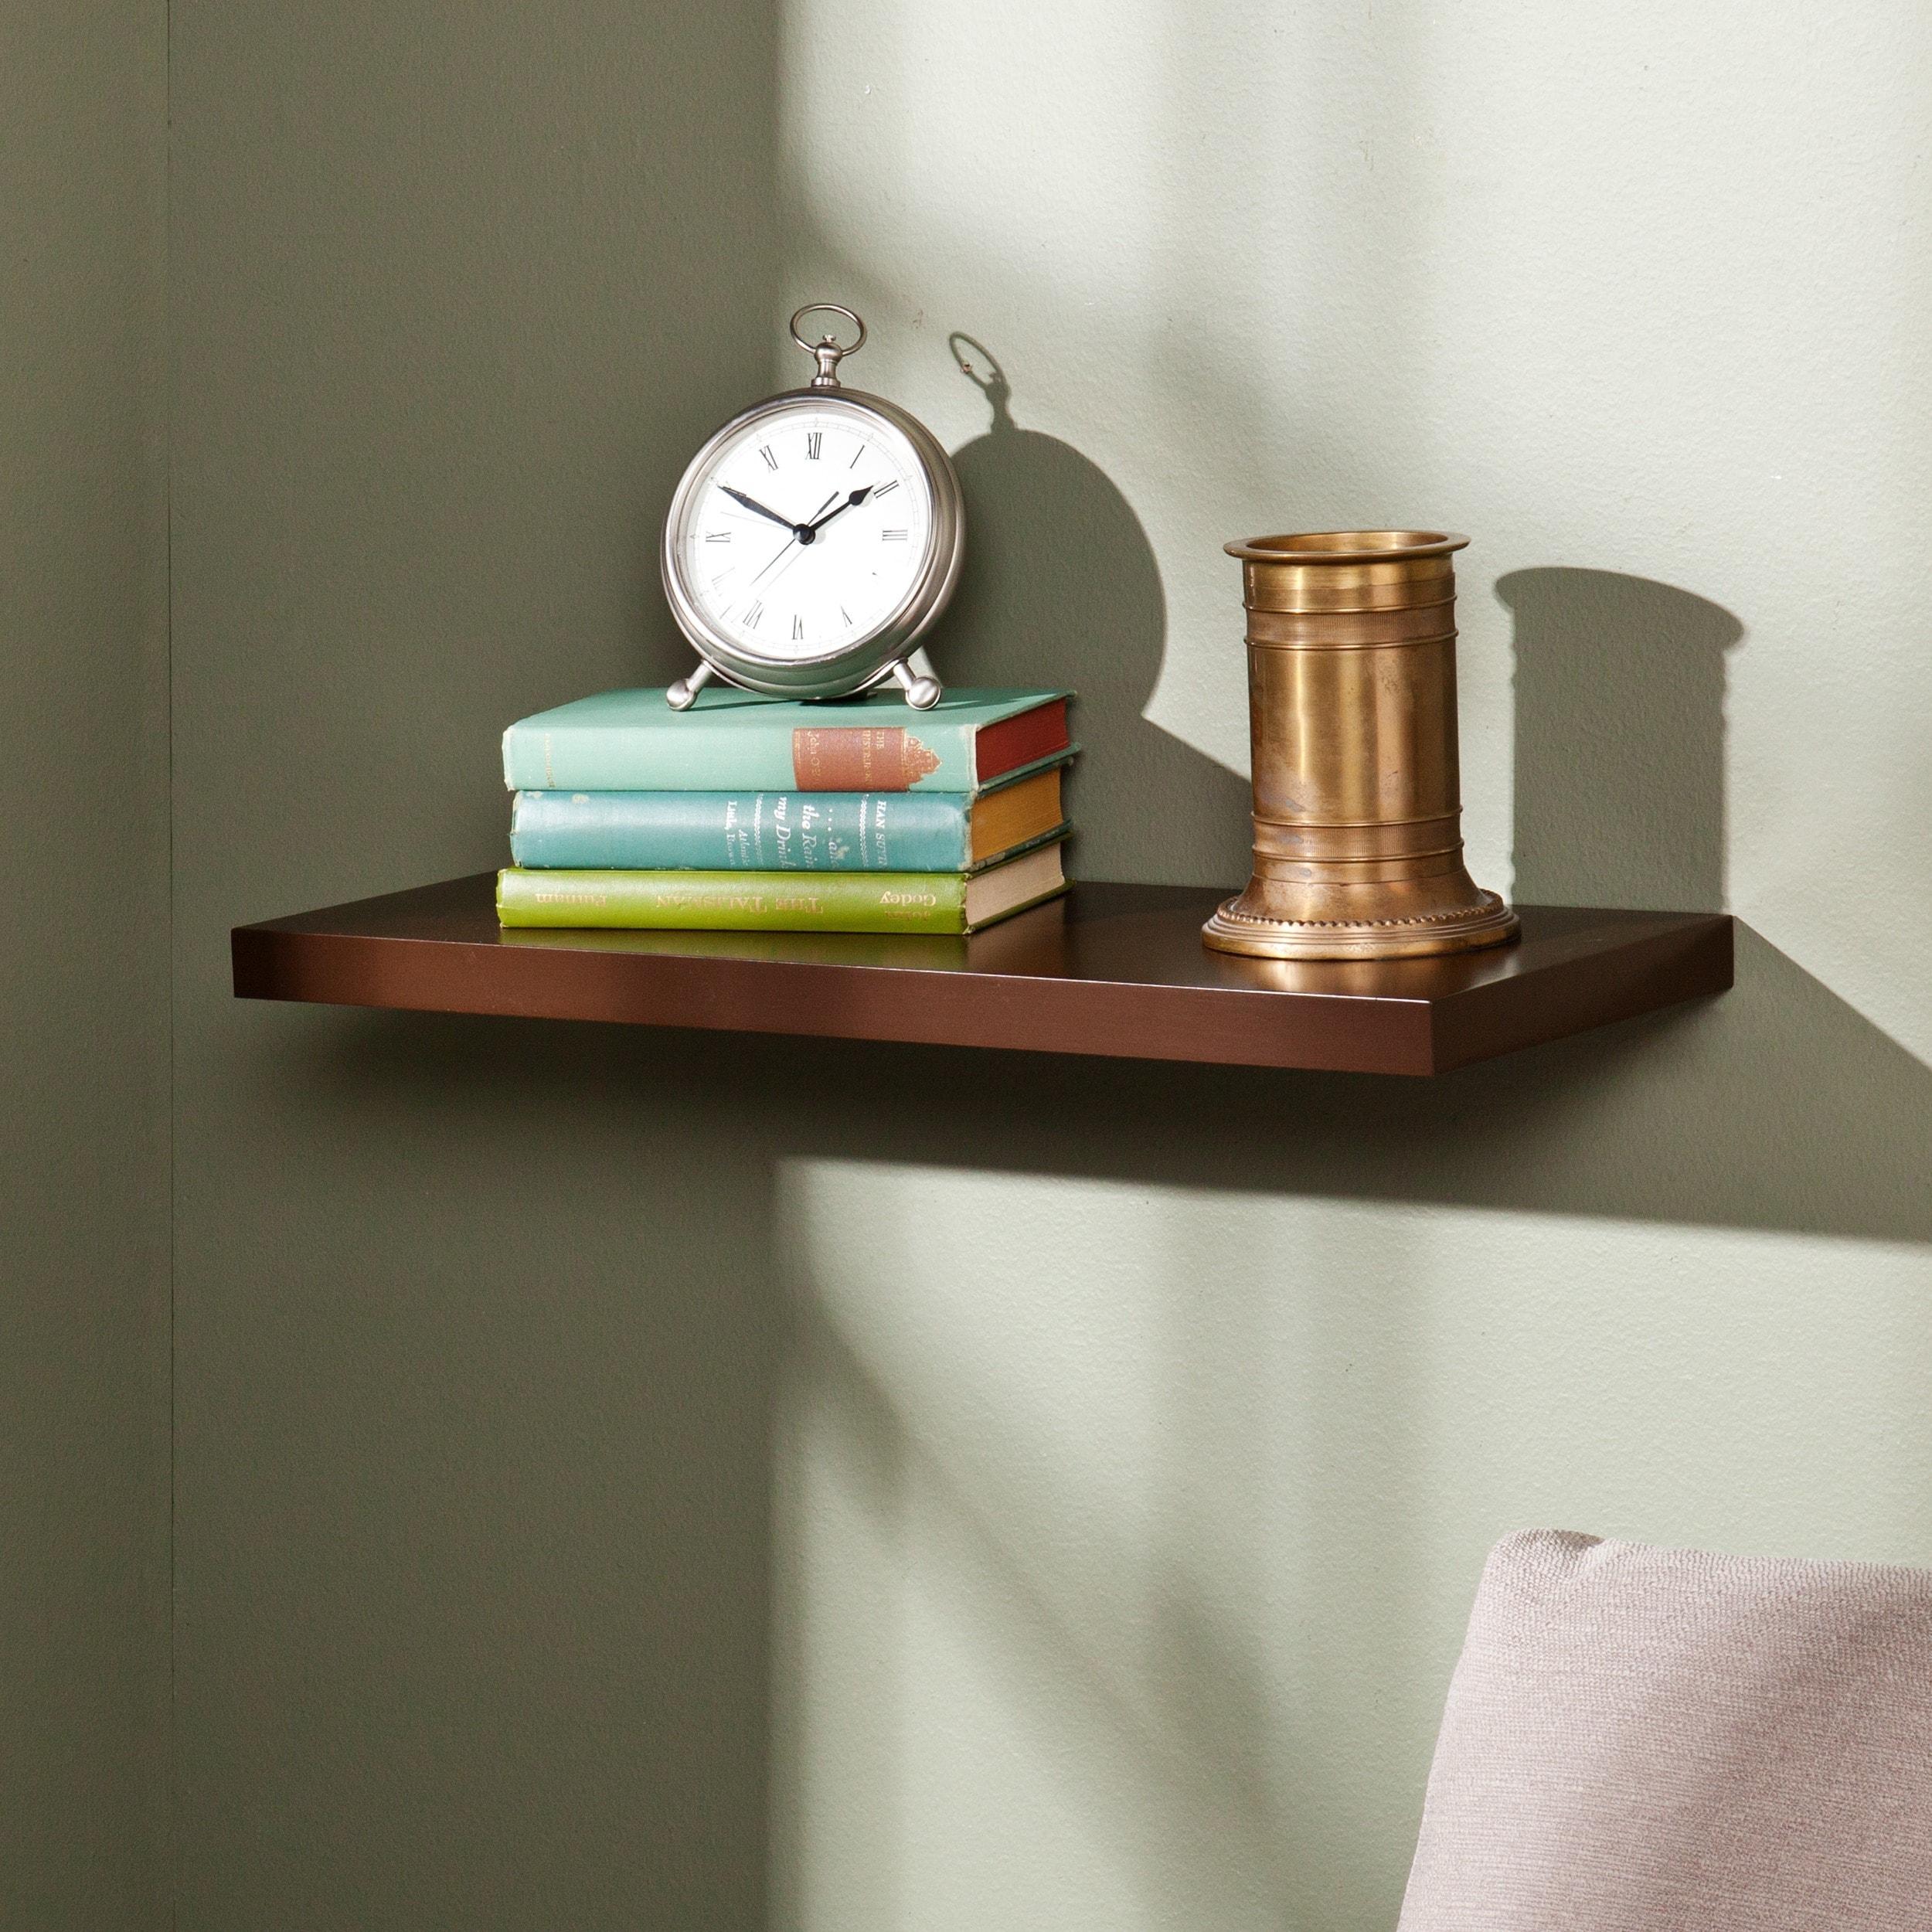 Harper Blvd Vermont 24-inch Espresso Floating Shelf